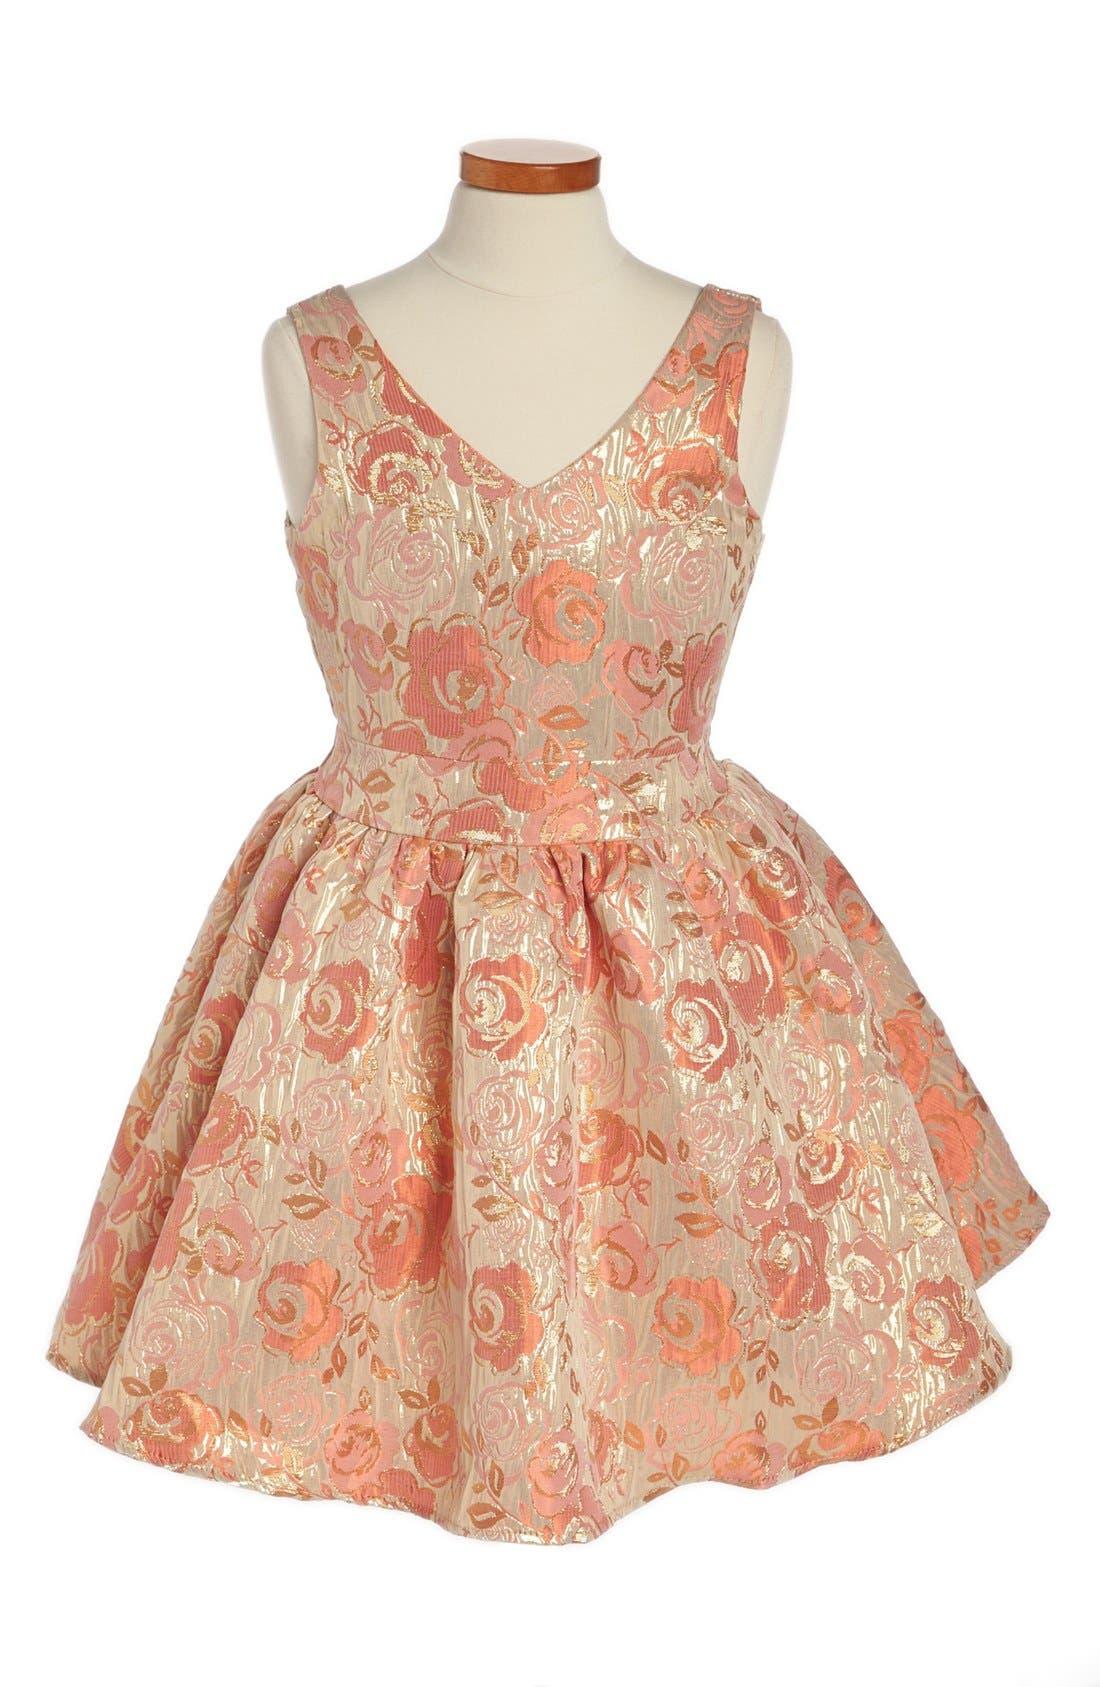 Alternate Image 1 Selected - Un Deux Trois Jacquard Dress (Big Girls)